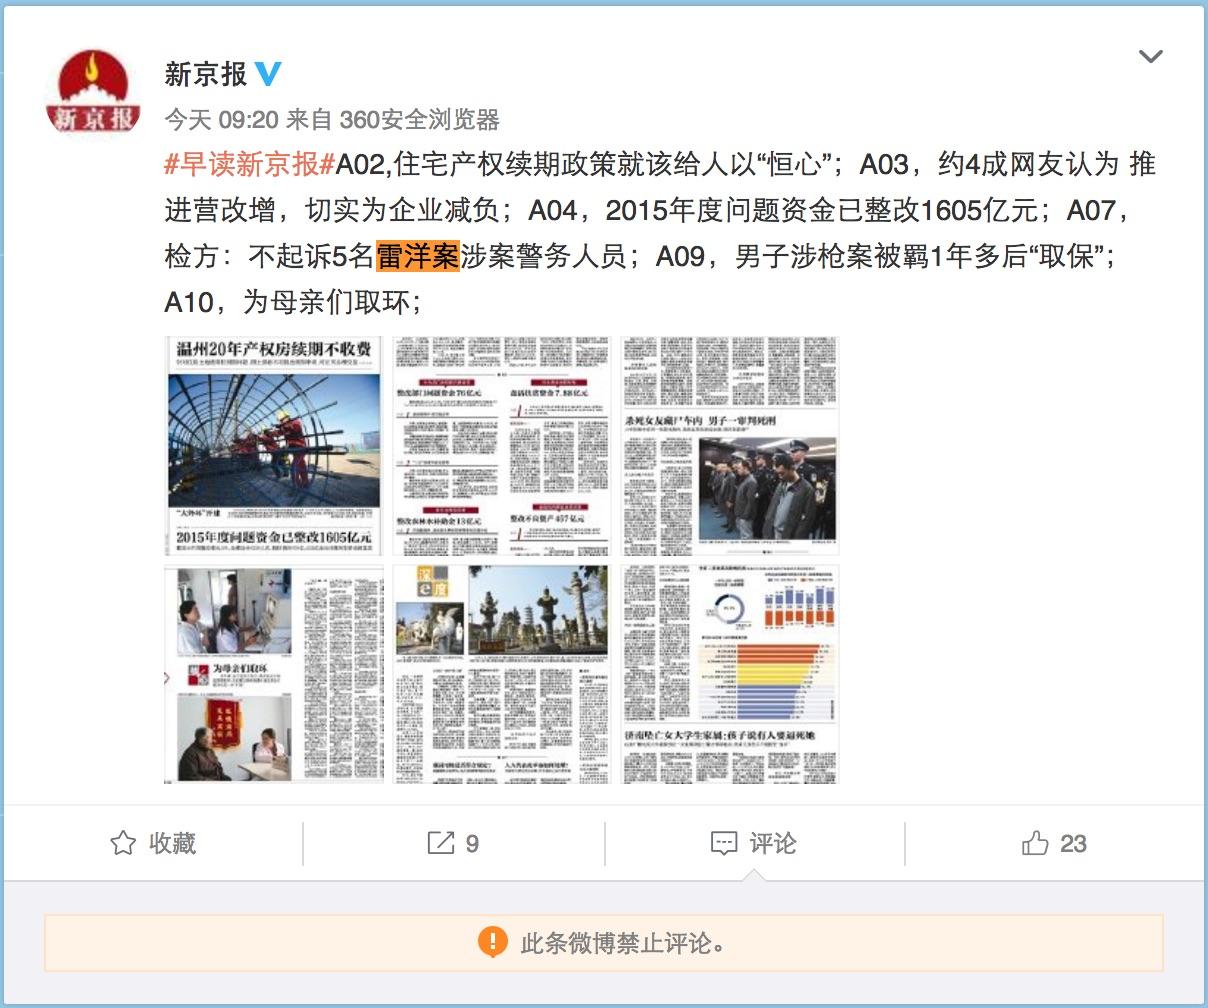 """【立此存照】出现""""雷洋案""""三字微博全部自动禁止评论"""